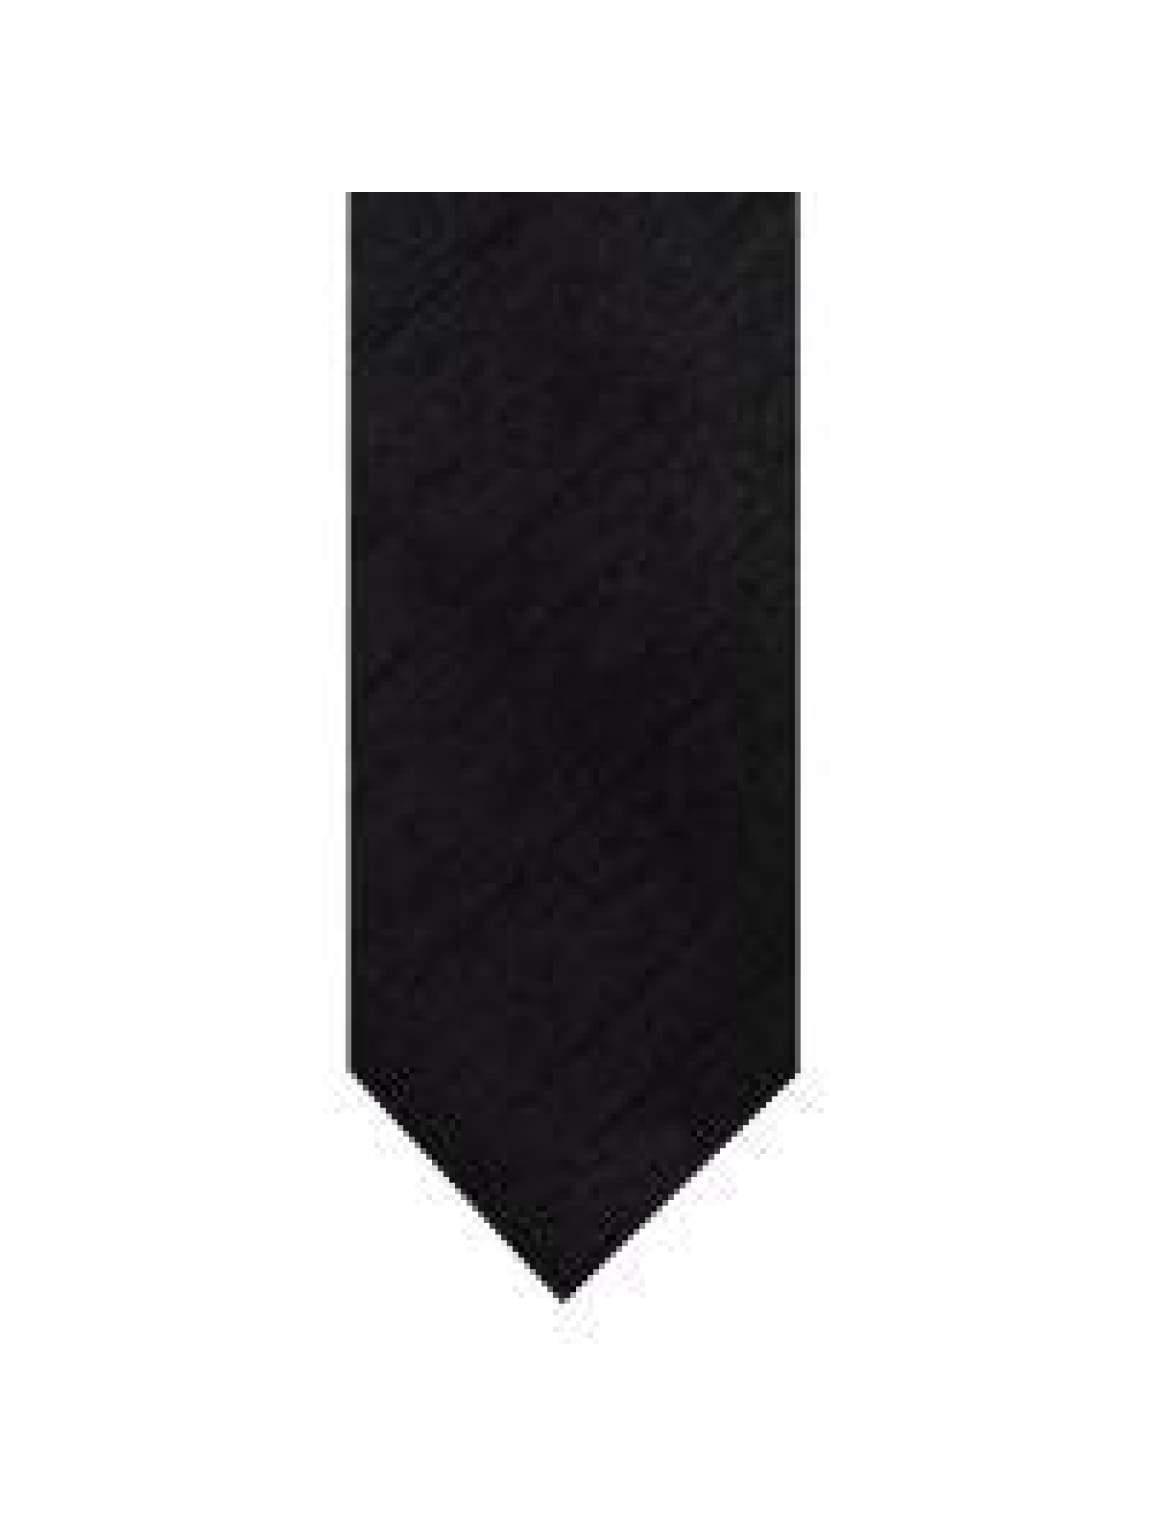 LA Smith Black Skinny Shantung Tie - Accessories